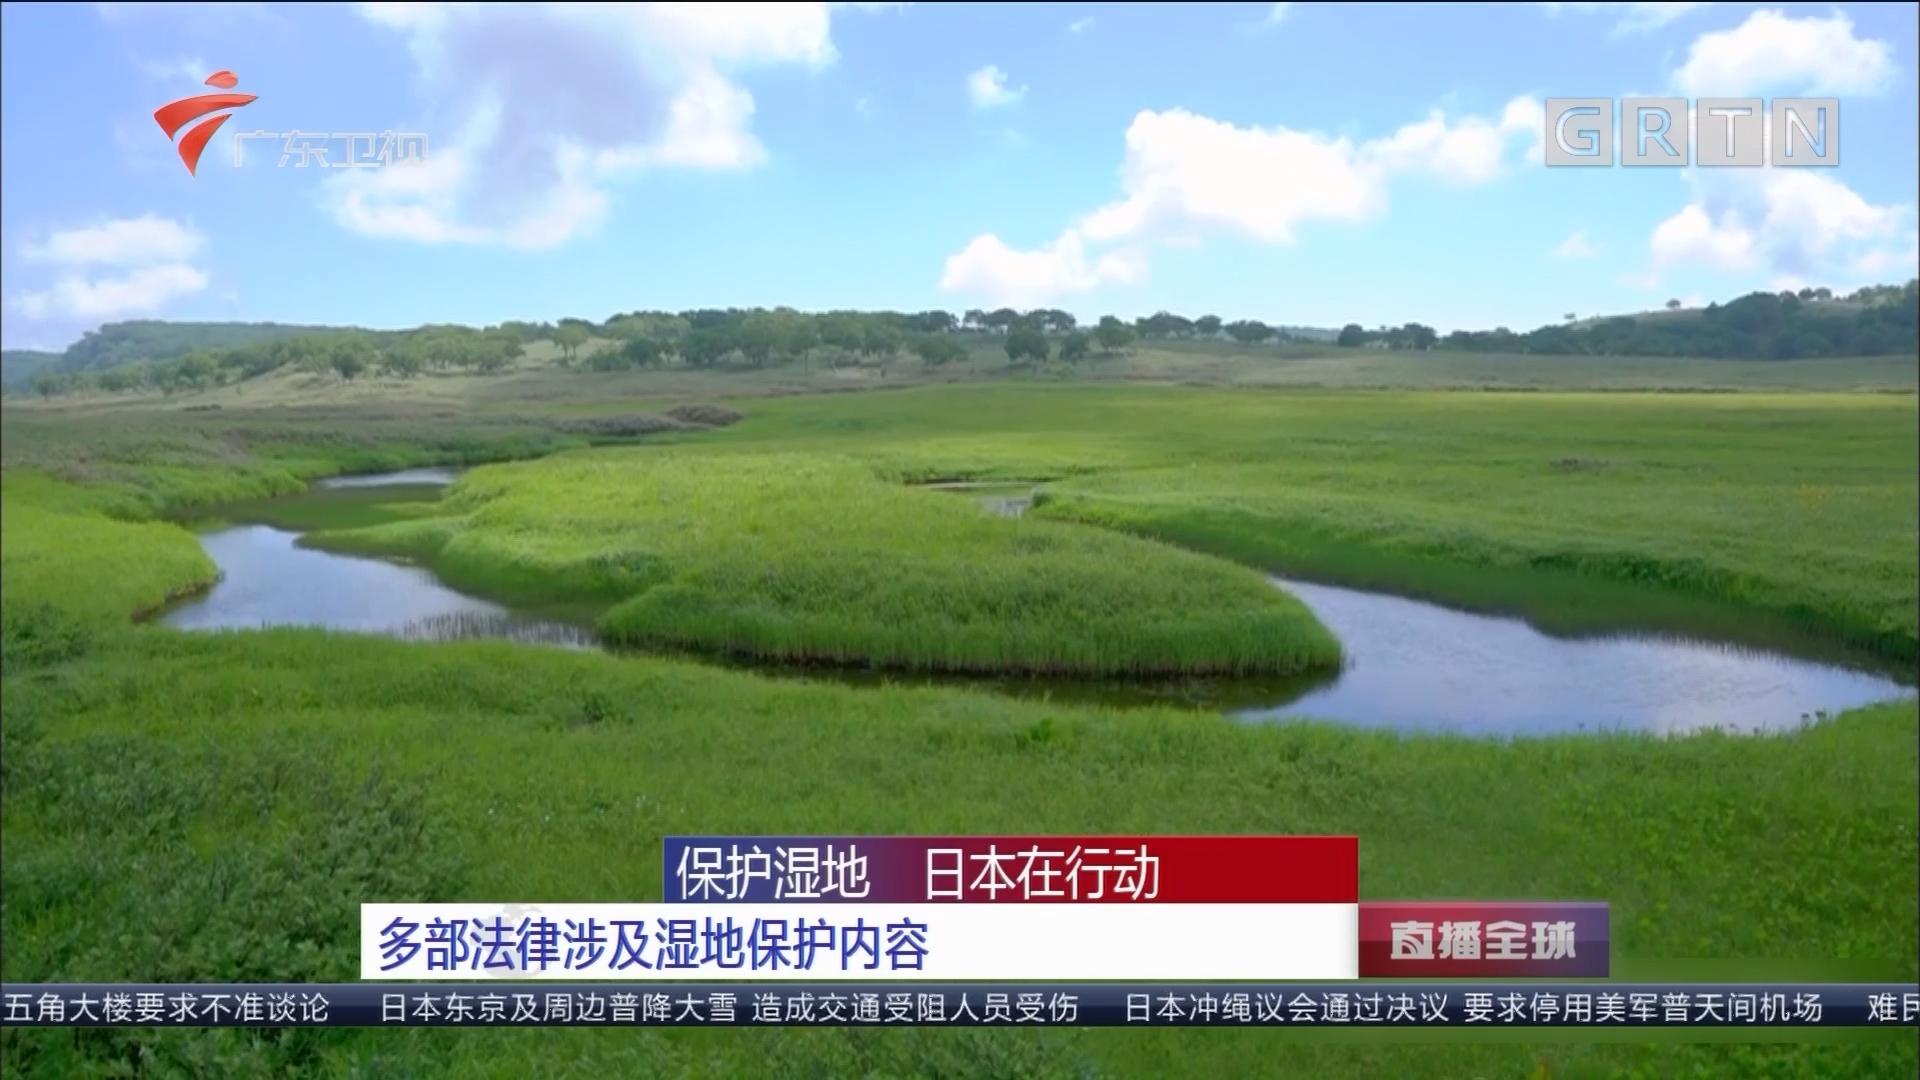 保护湿地 日本在行动 多部法律涉及湿地保护内容